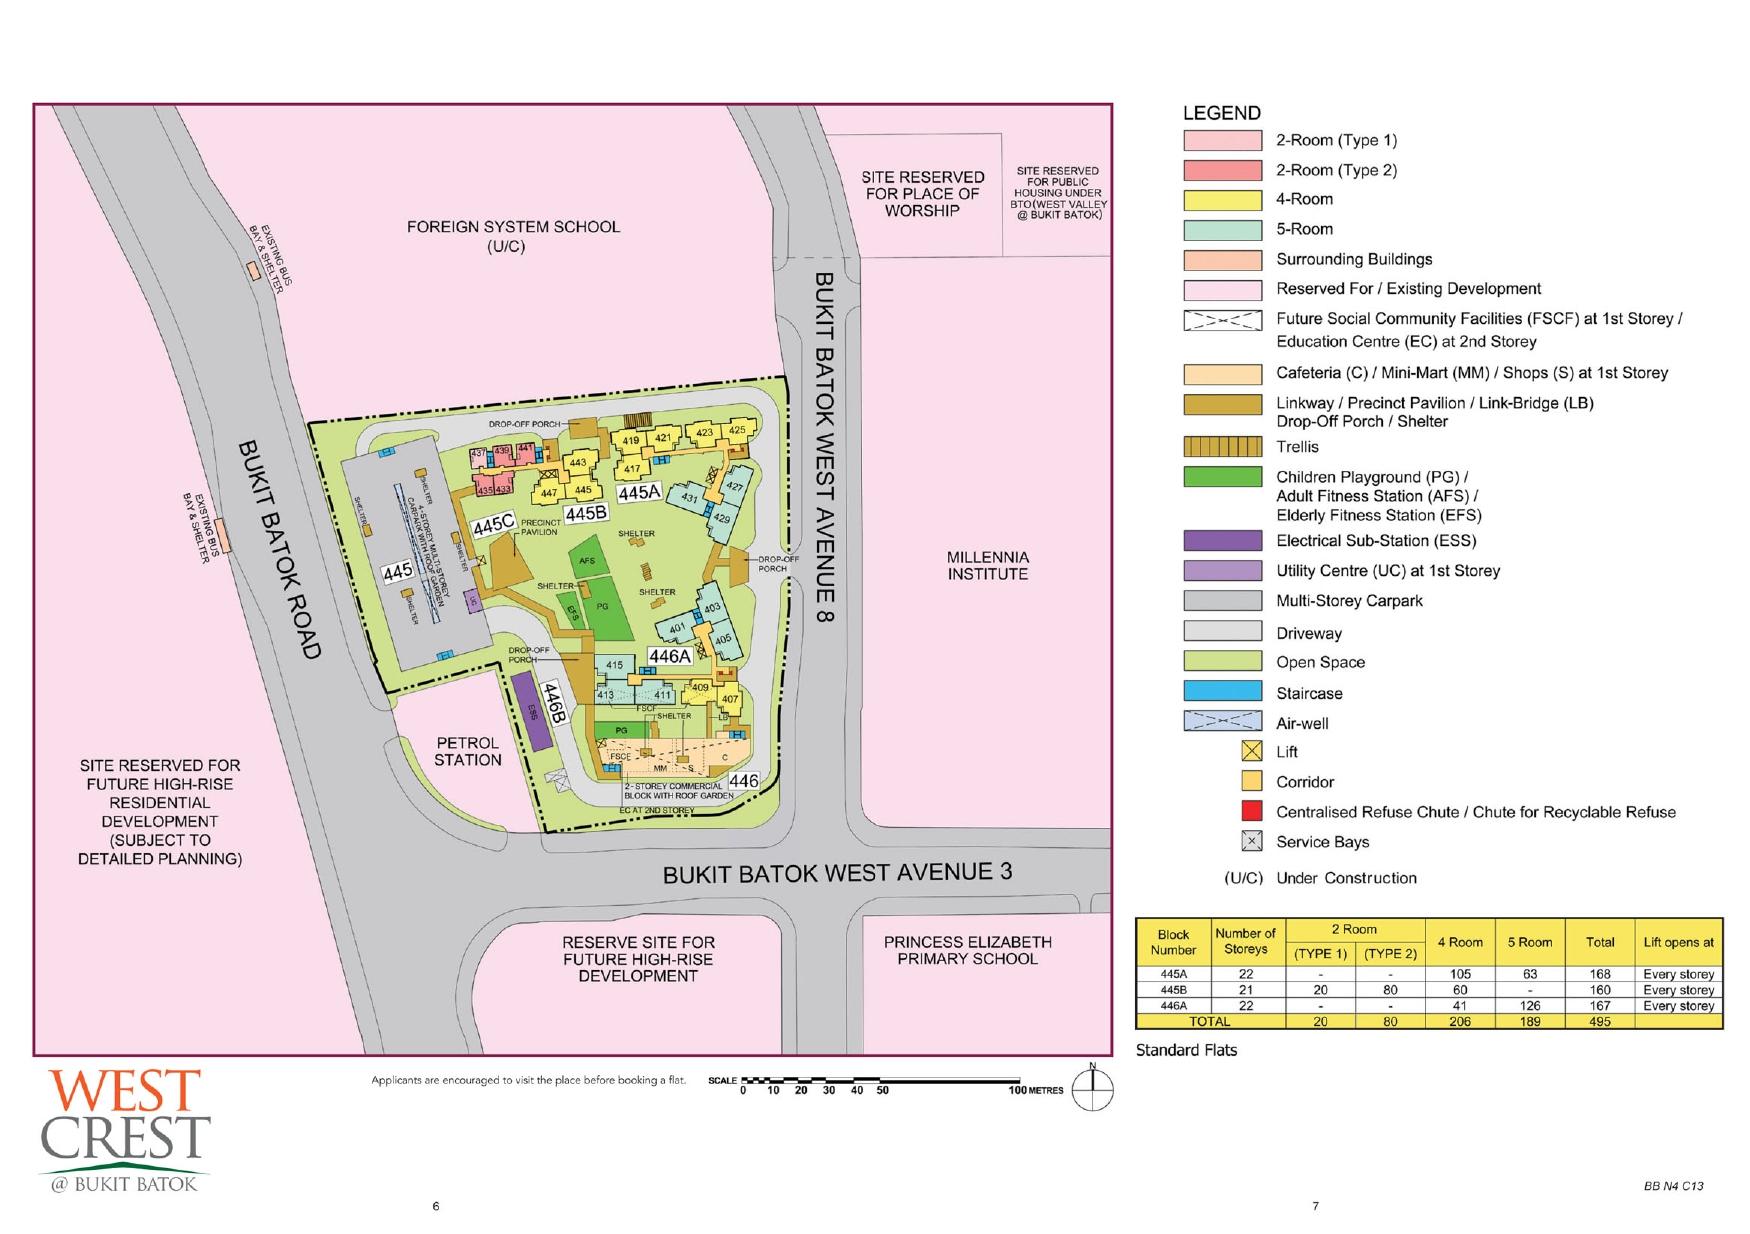 West Crest @ Bukit Batok Site Plan